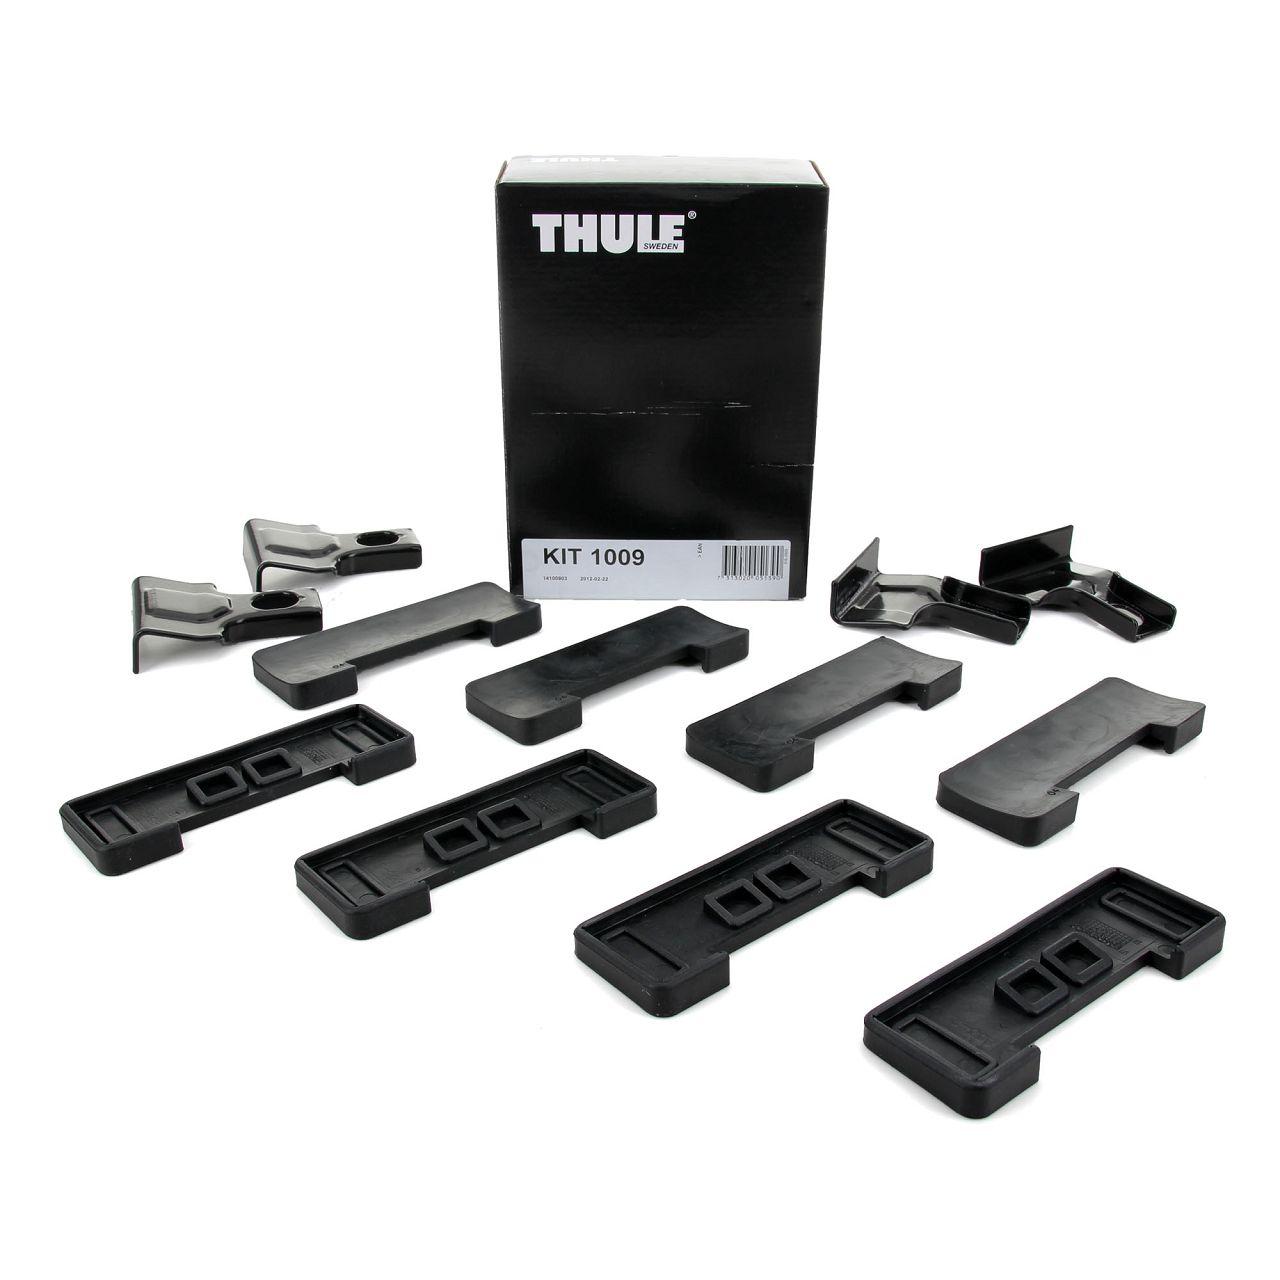 THULE Kit 1009 Montagesatz Montagekit Dachträger für Normal-Dach